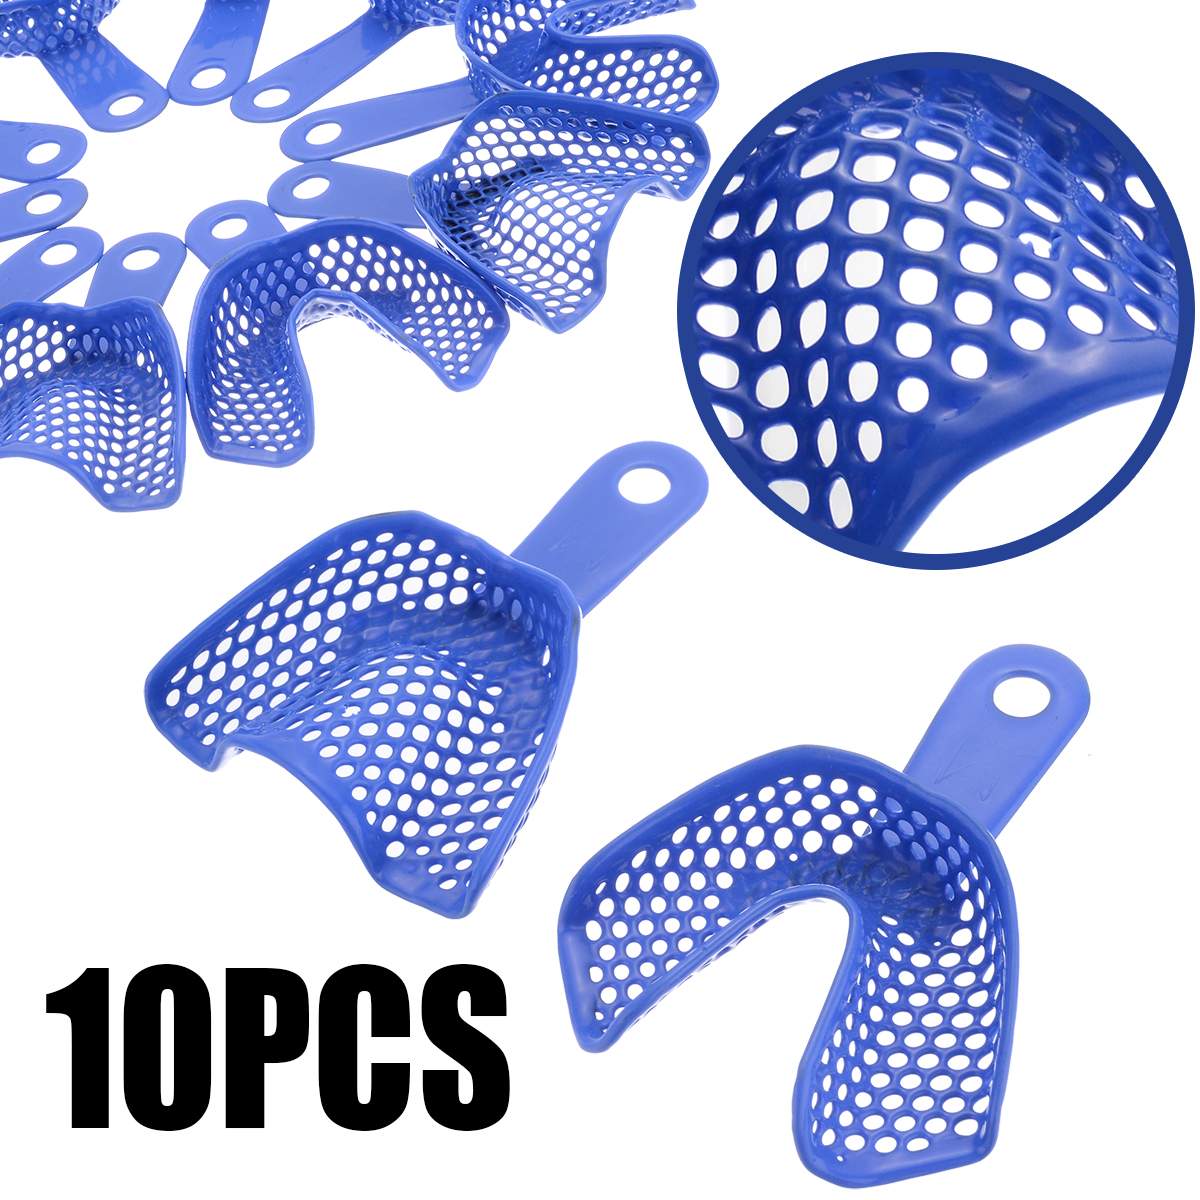 10pcs/Set Plastic-Steel Dental Instruments Dental Impression Trays Blue Mesh Pallets Teeth Holder For Denture Model